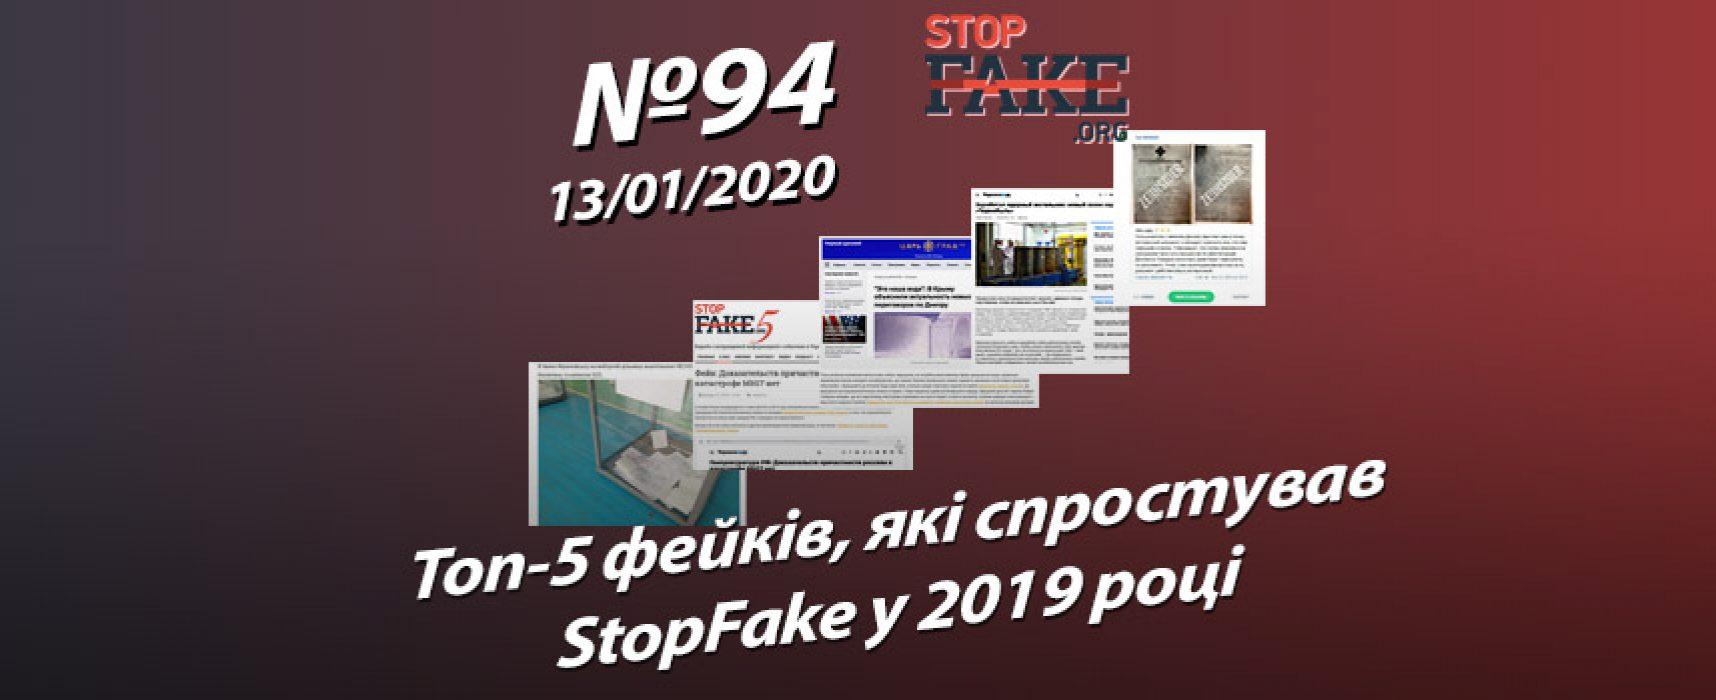 Топ-5 фейків, які спростував StopFake у 2019 році – StopFake.org